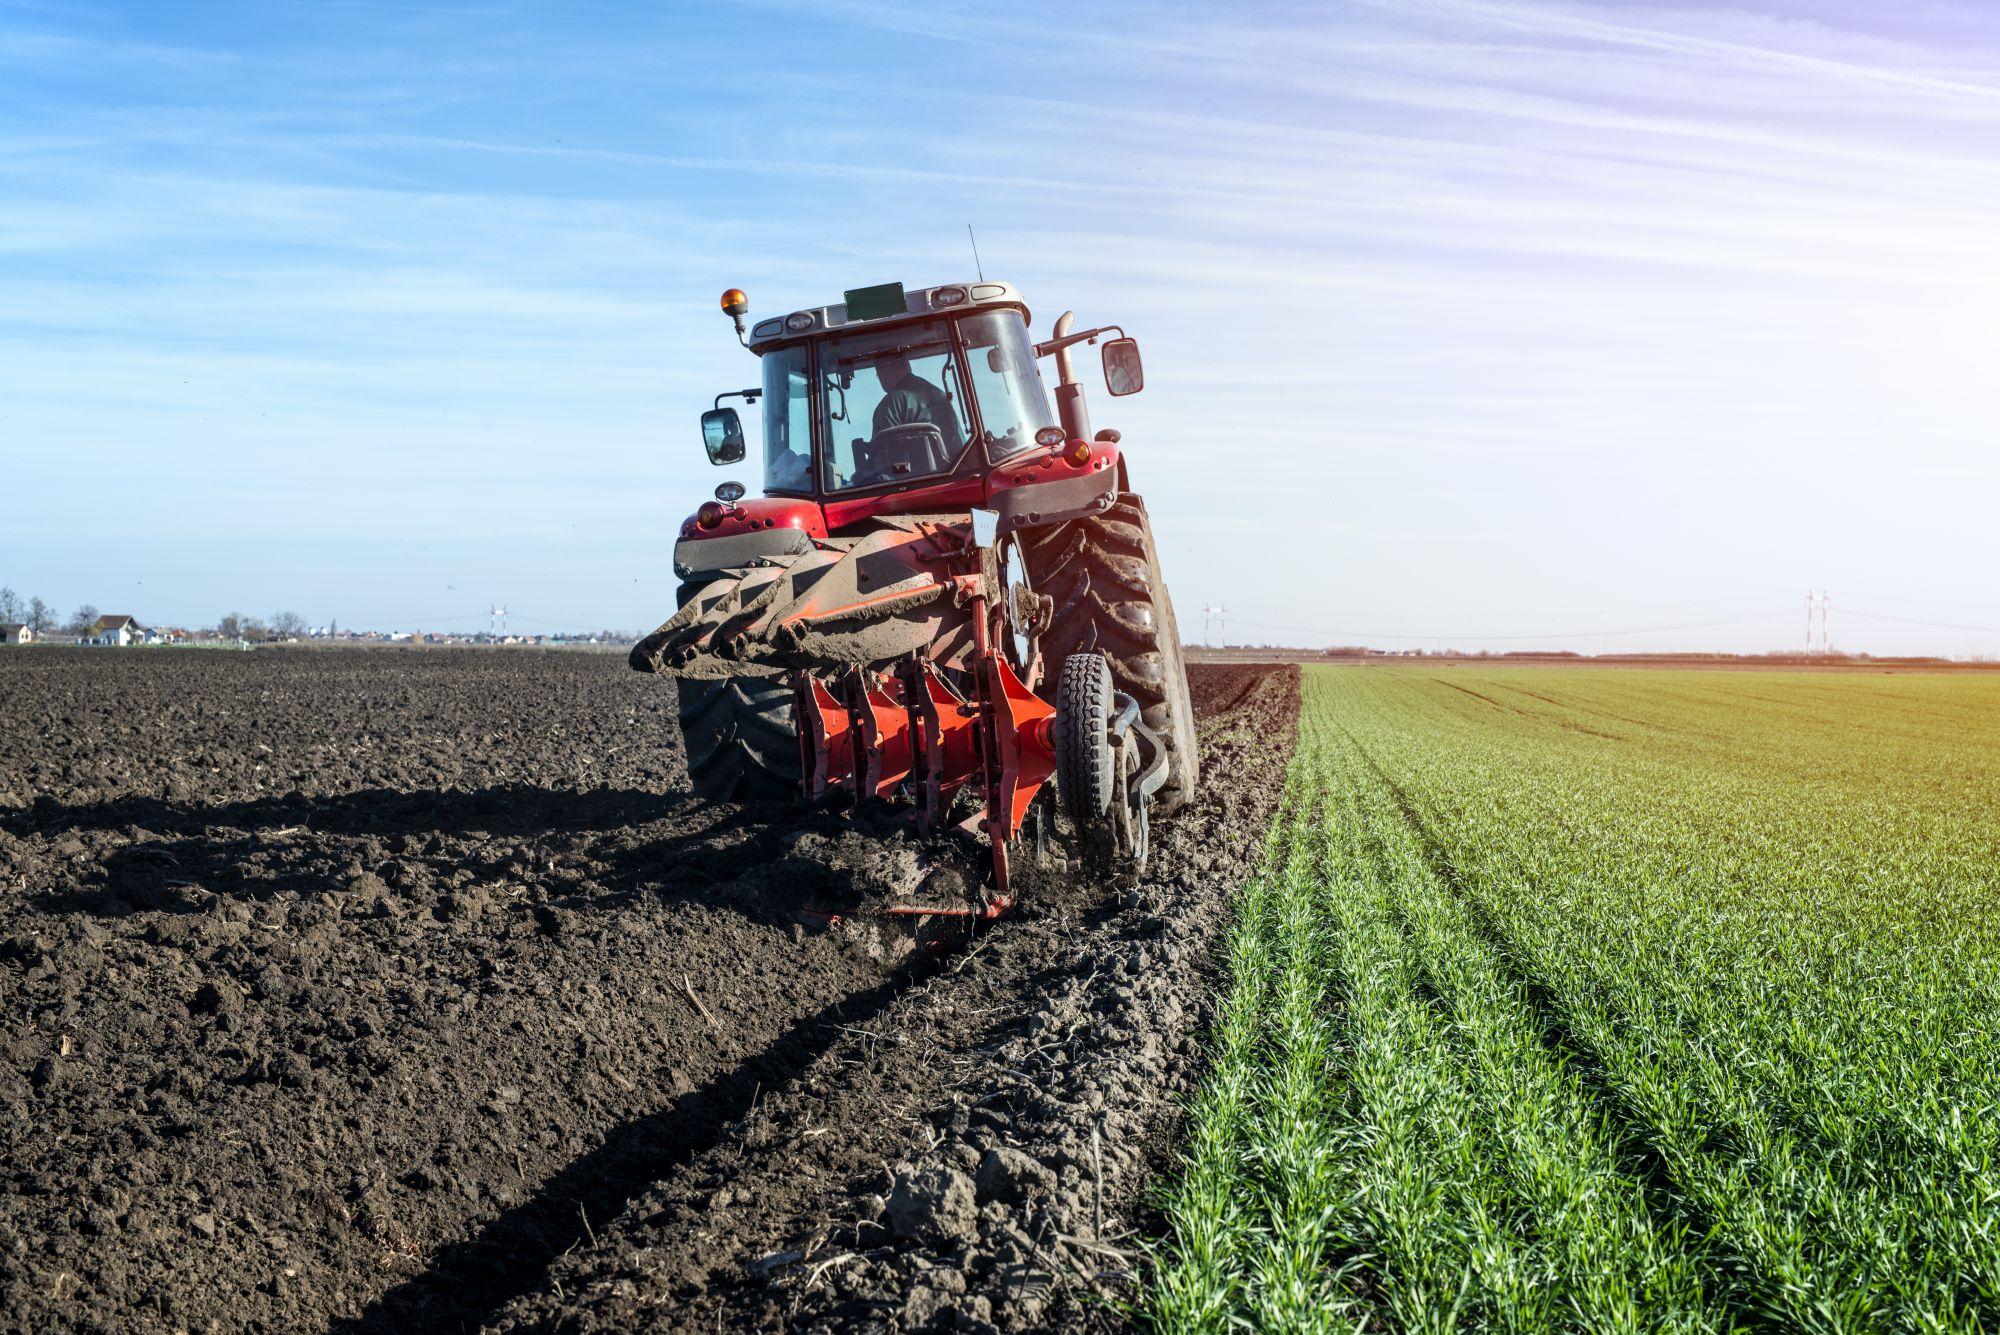 Mezőgazdaságban dolgozóként hasznodra válhat egy időjárás állomás